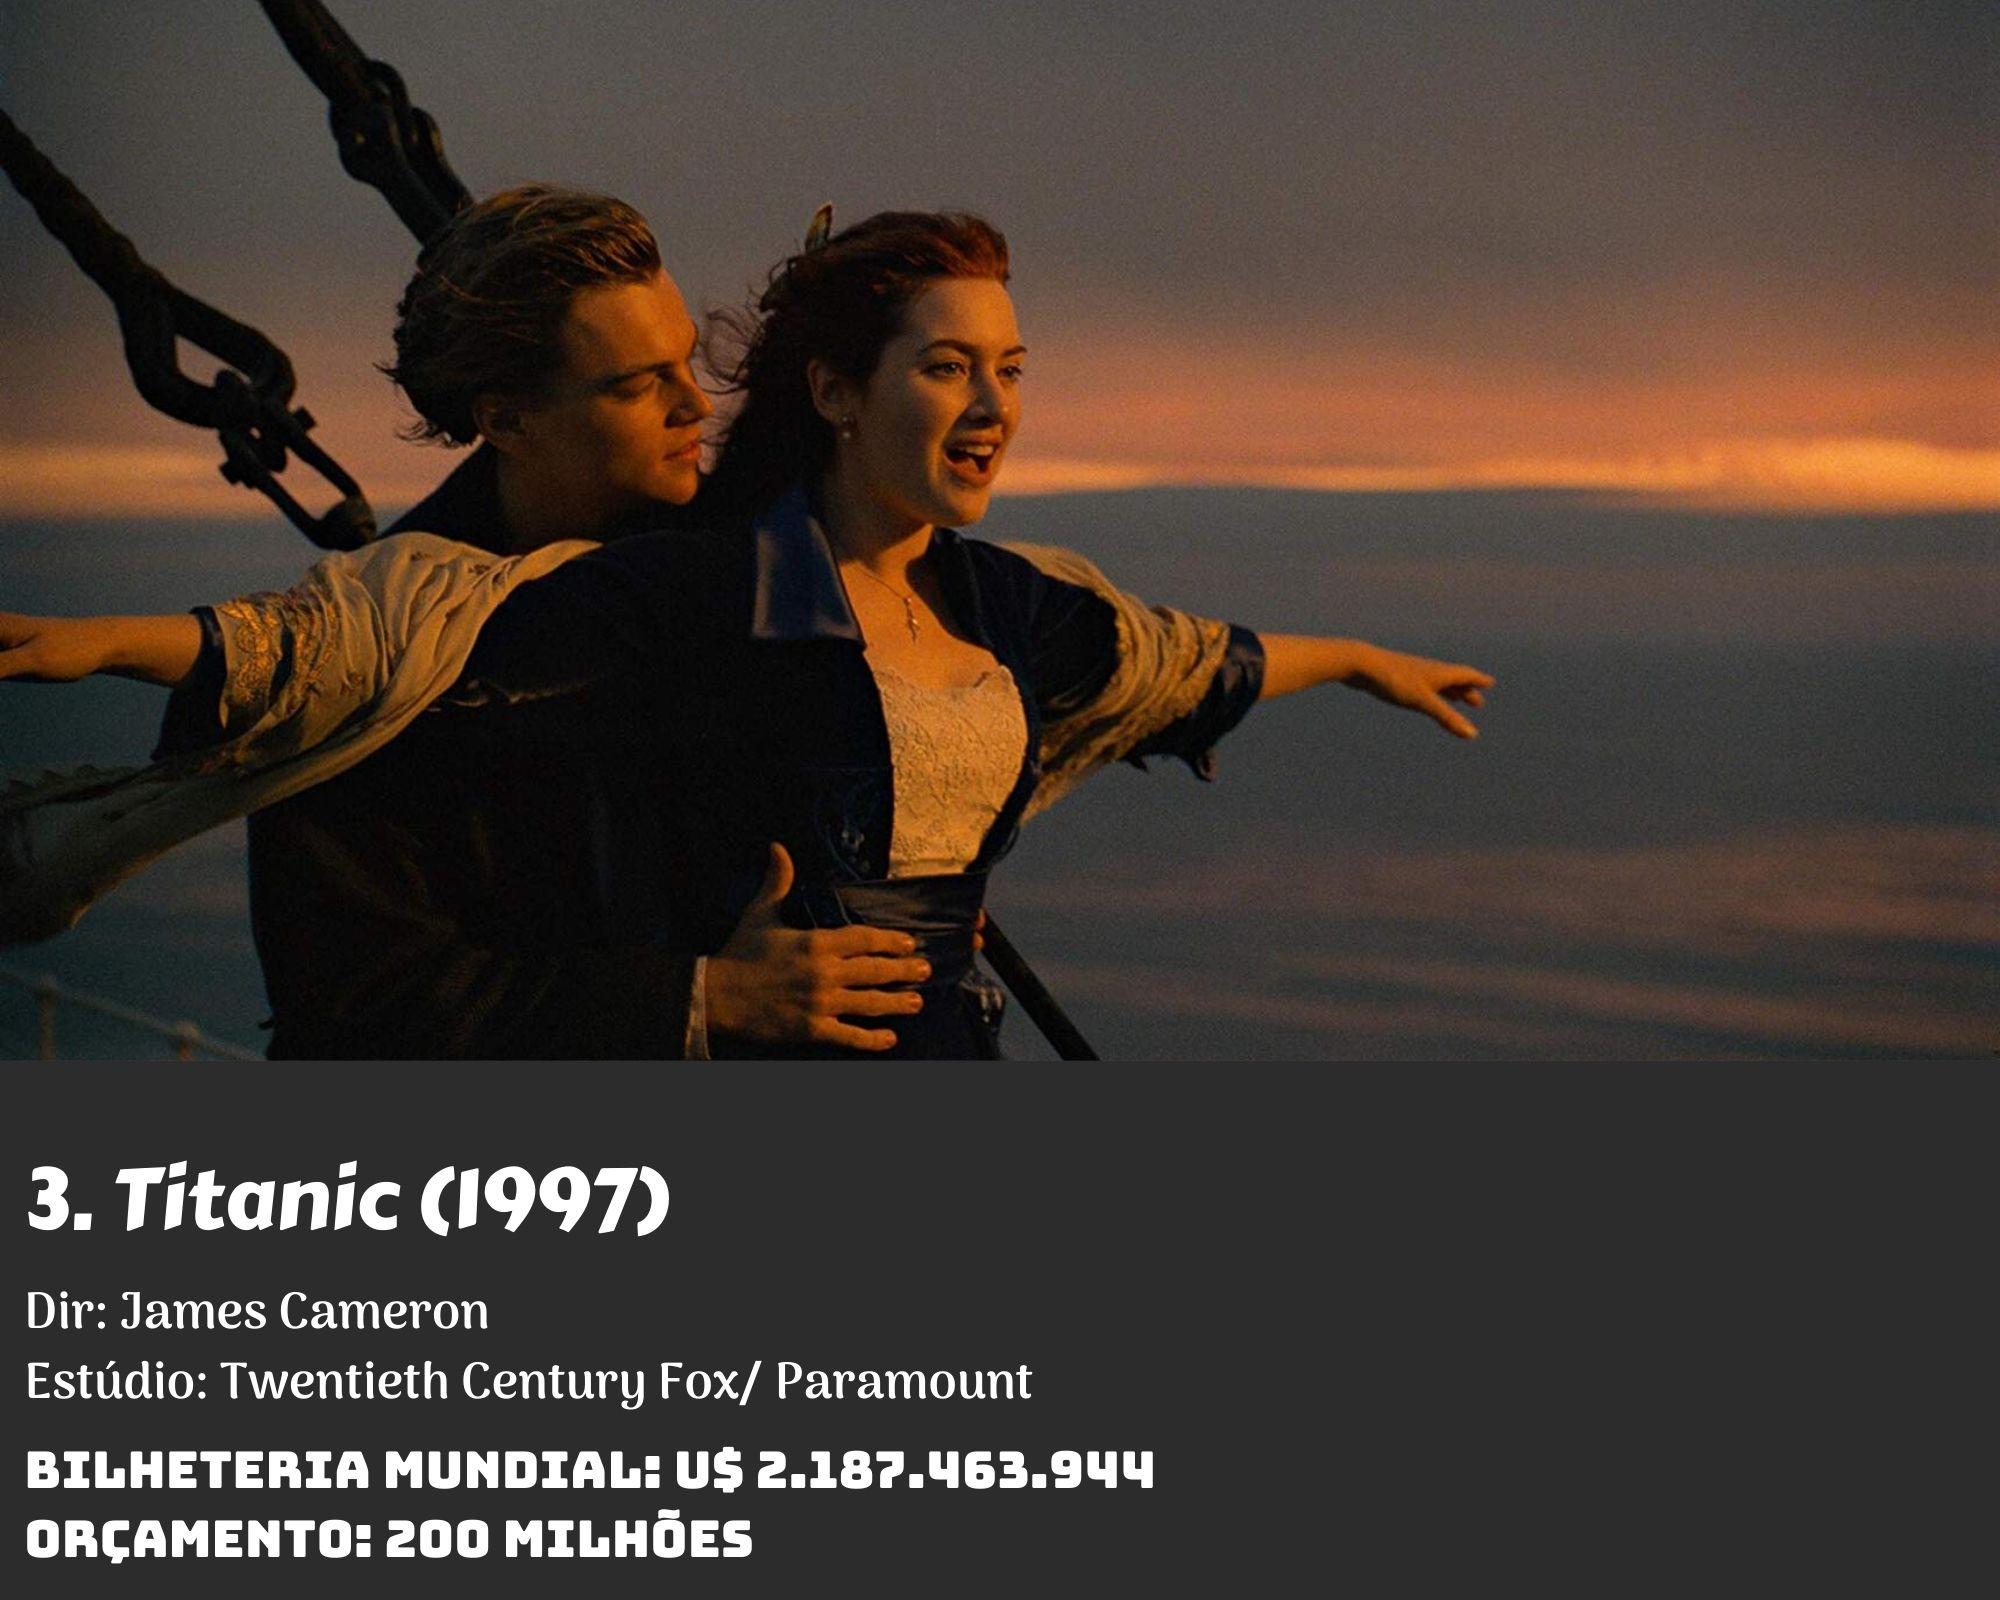 3. Titanic